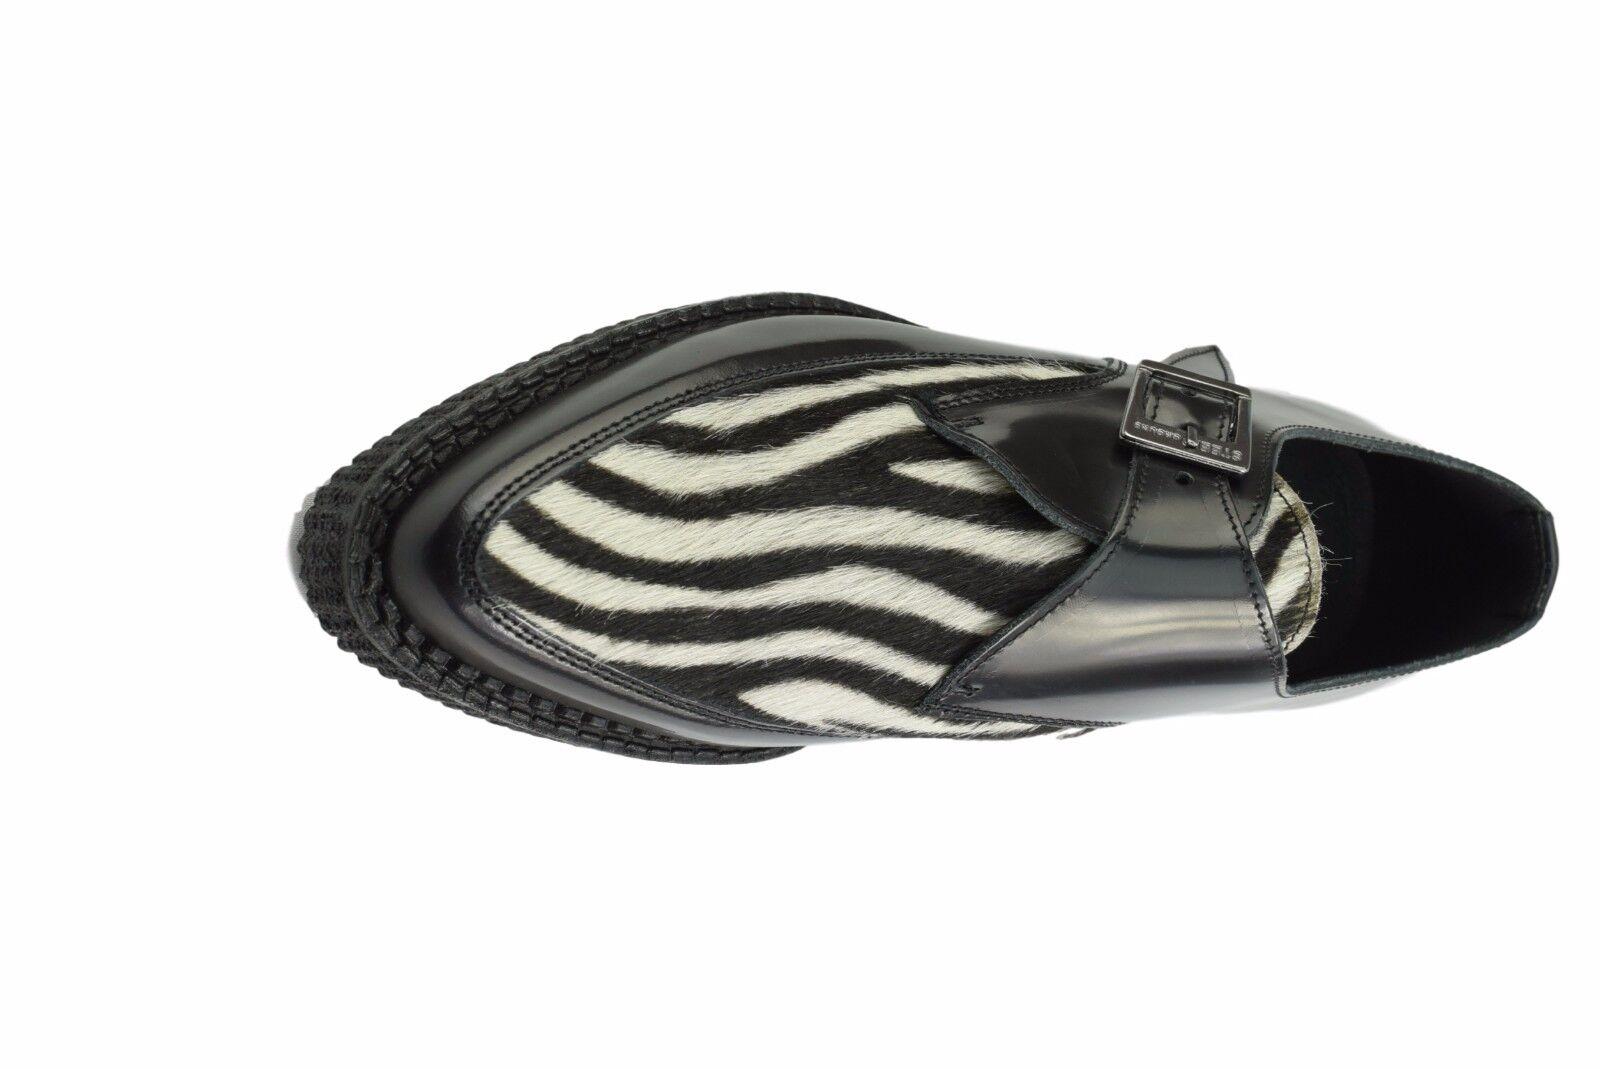 Scarpe di terra in acciaio in Pelle Pelle Pelle Nero Bianco Zebra Capelli Creepers Monk Buckle A Punta   lusso    Scolaro/Signora Scarpa  2cfd32